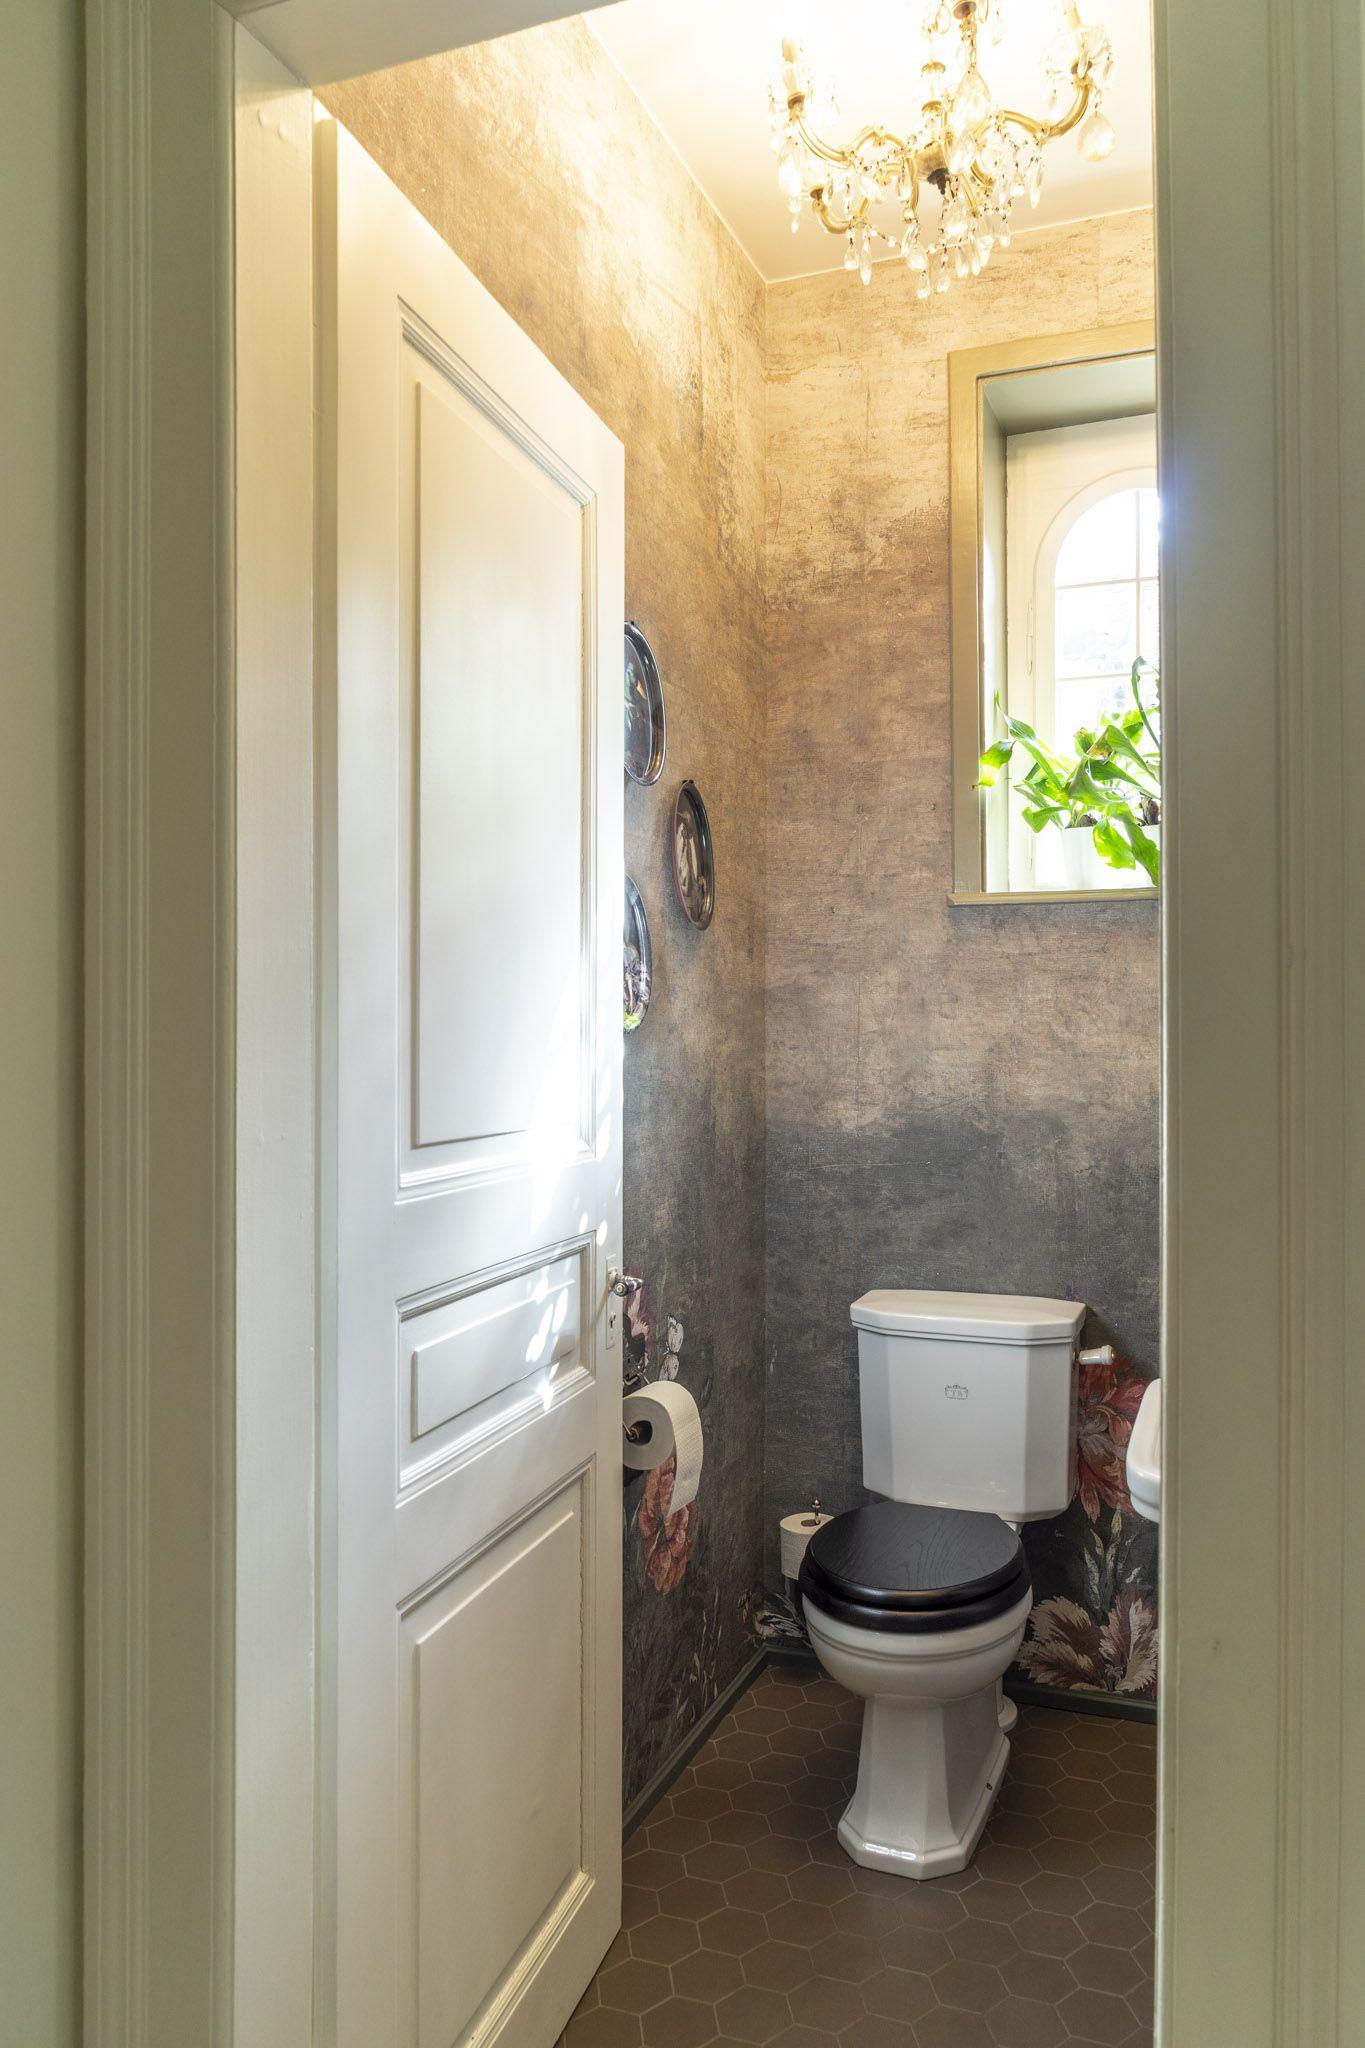 Dieses Nostalgie Wc Verspruht Den Charme Vergangener Stilepochen Es Ist Zeitlos Modern Und Vor Allem Sehr Indiv Gaste Wc Traditionelle Bader Schone Badezimmer